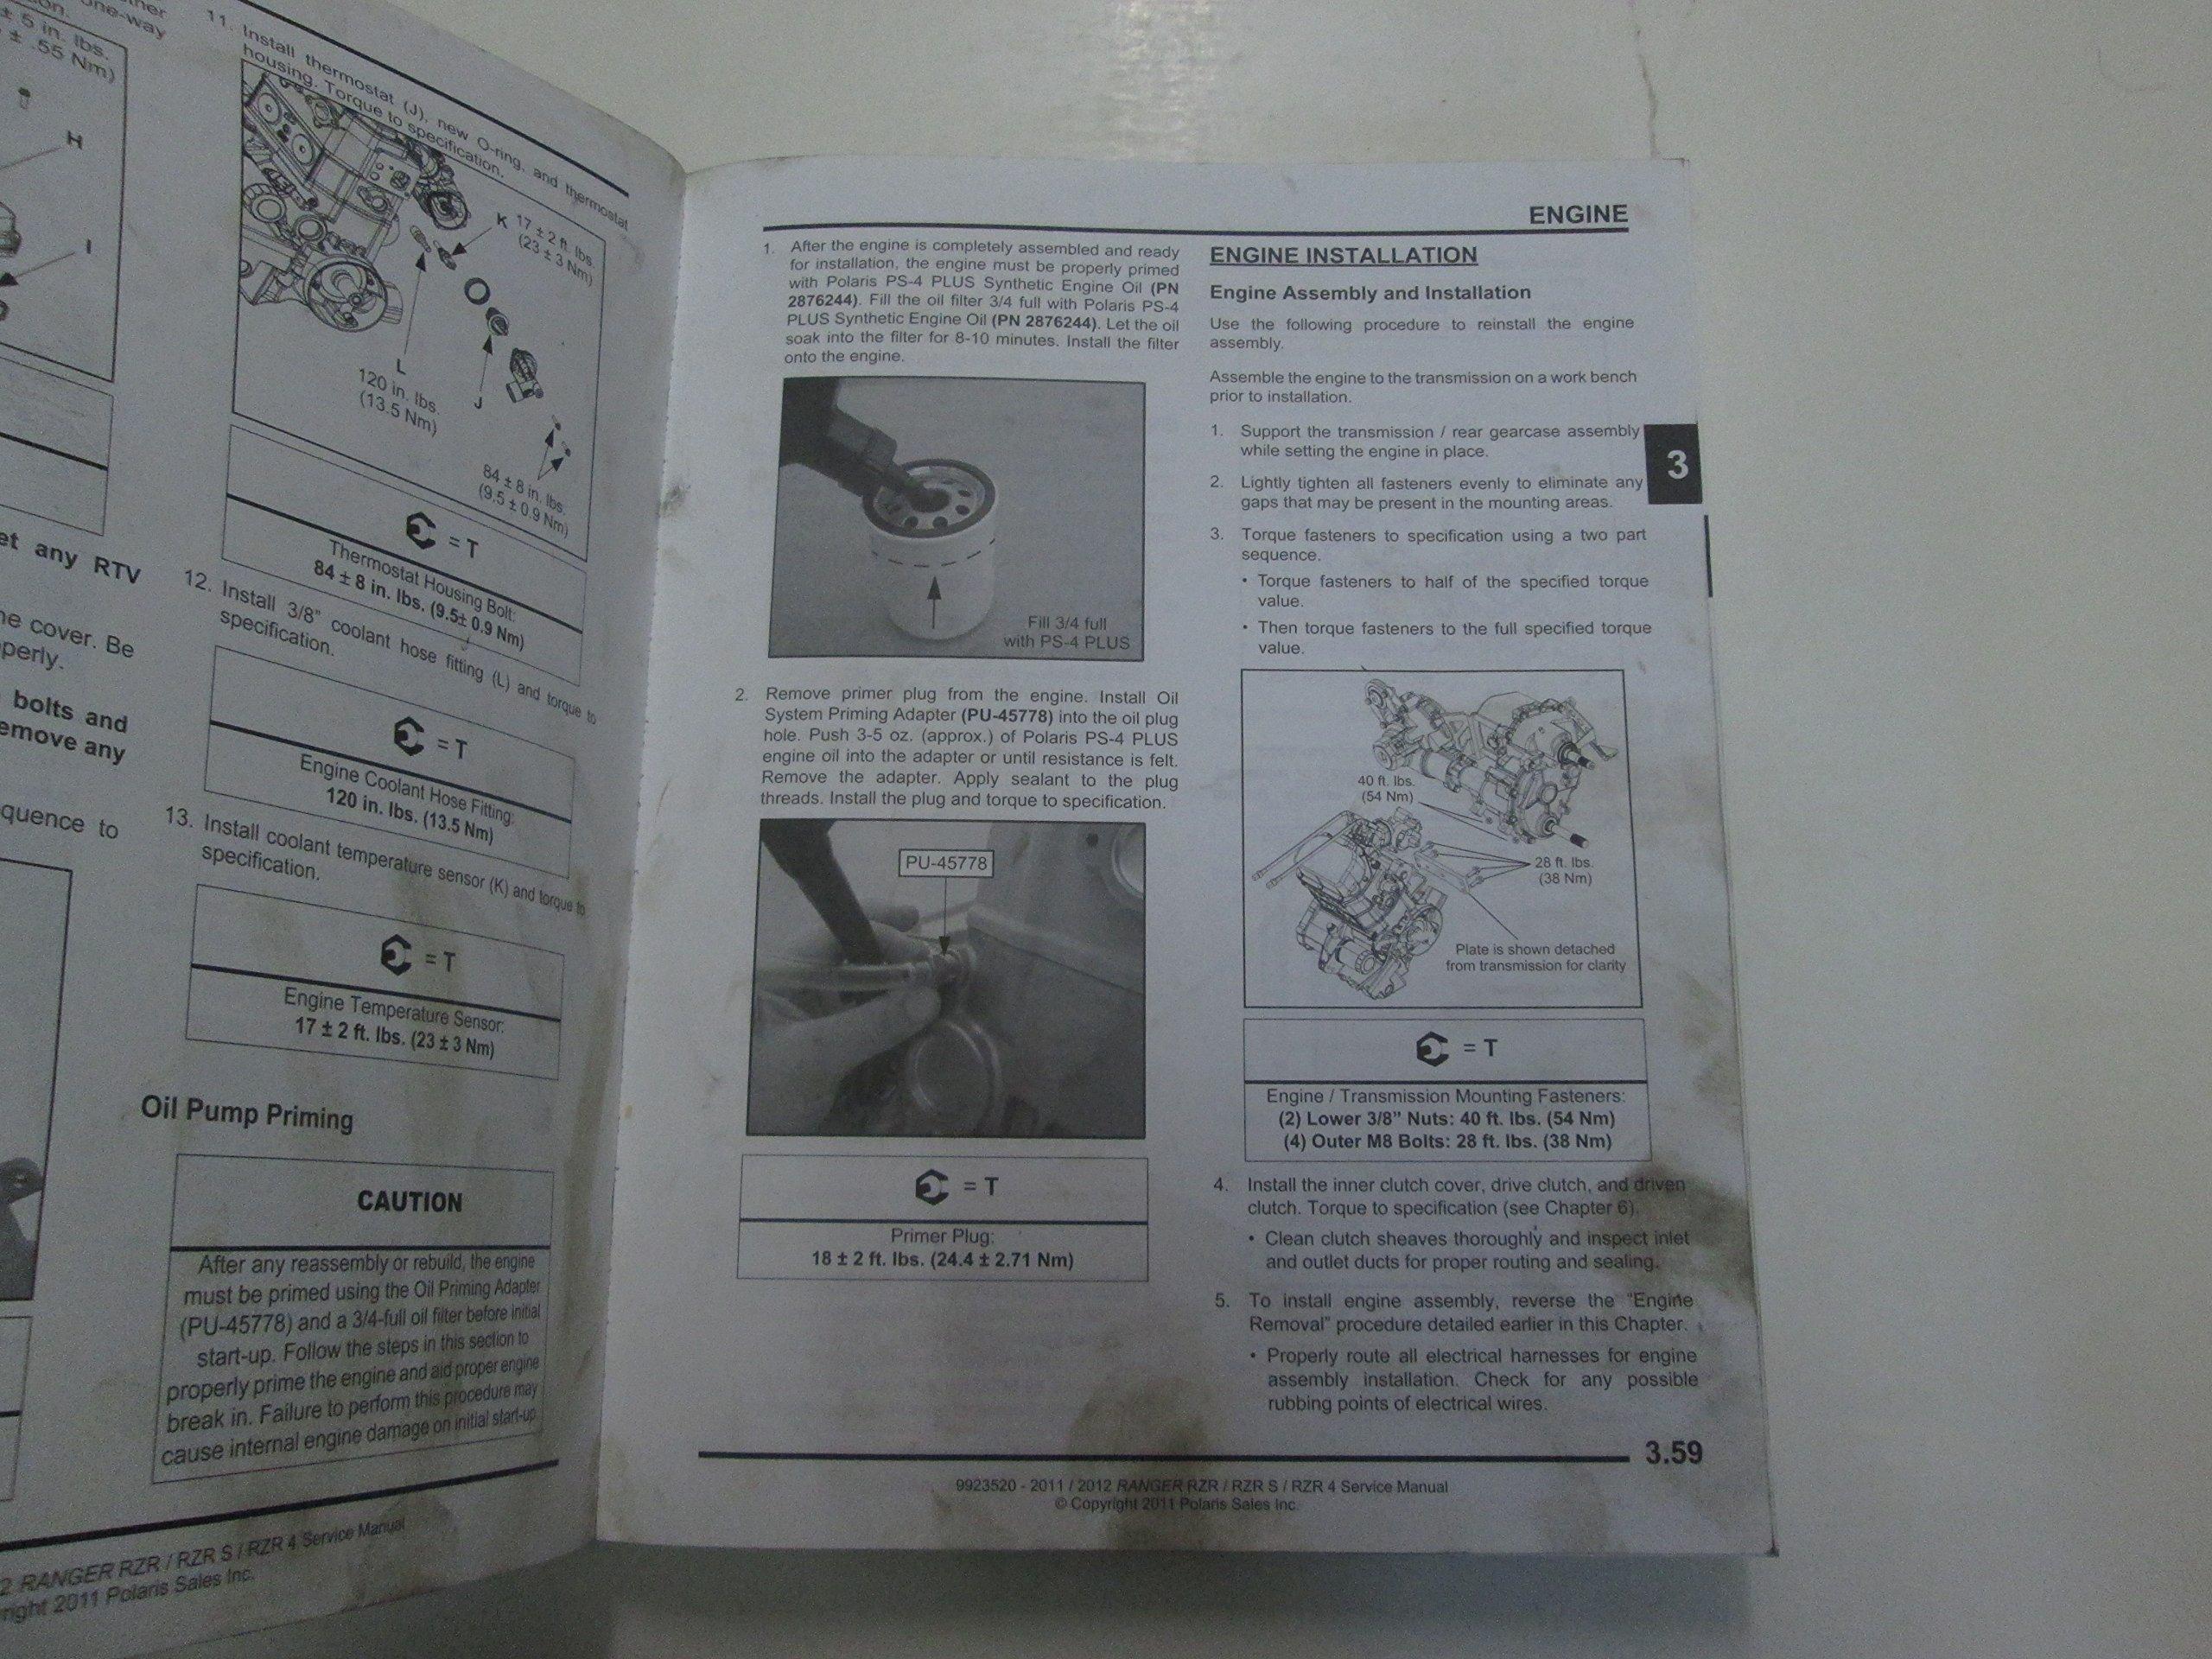 2011 polaris ranger service manual